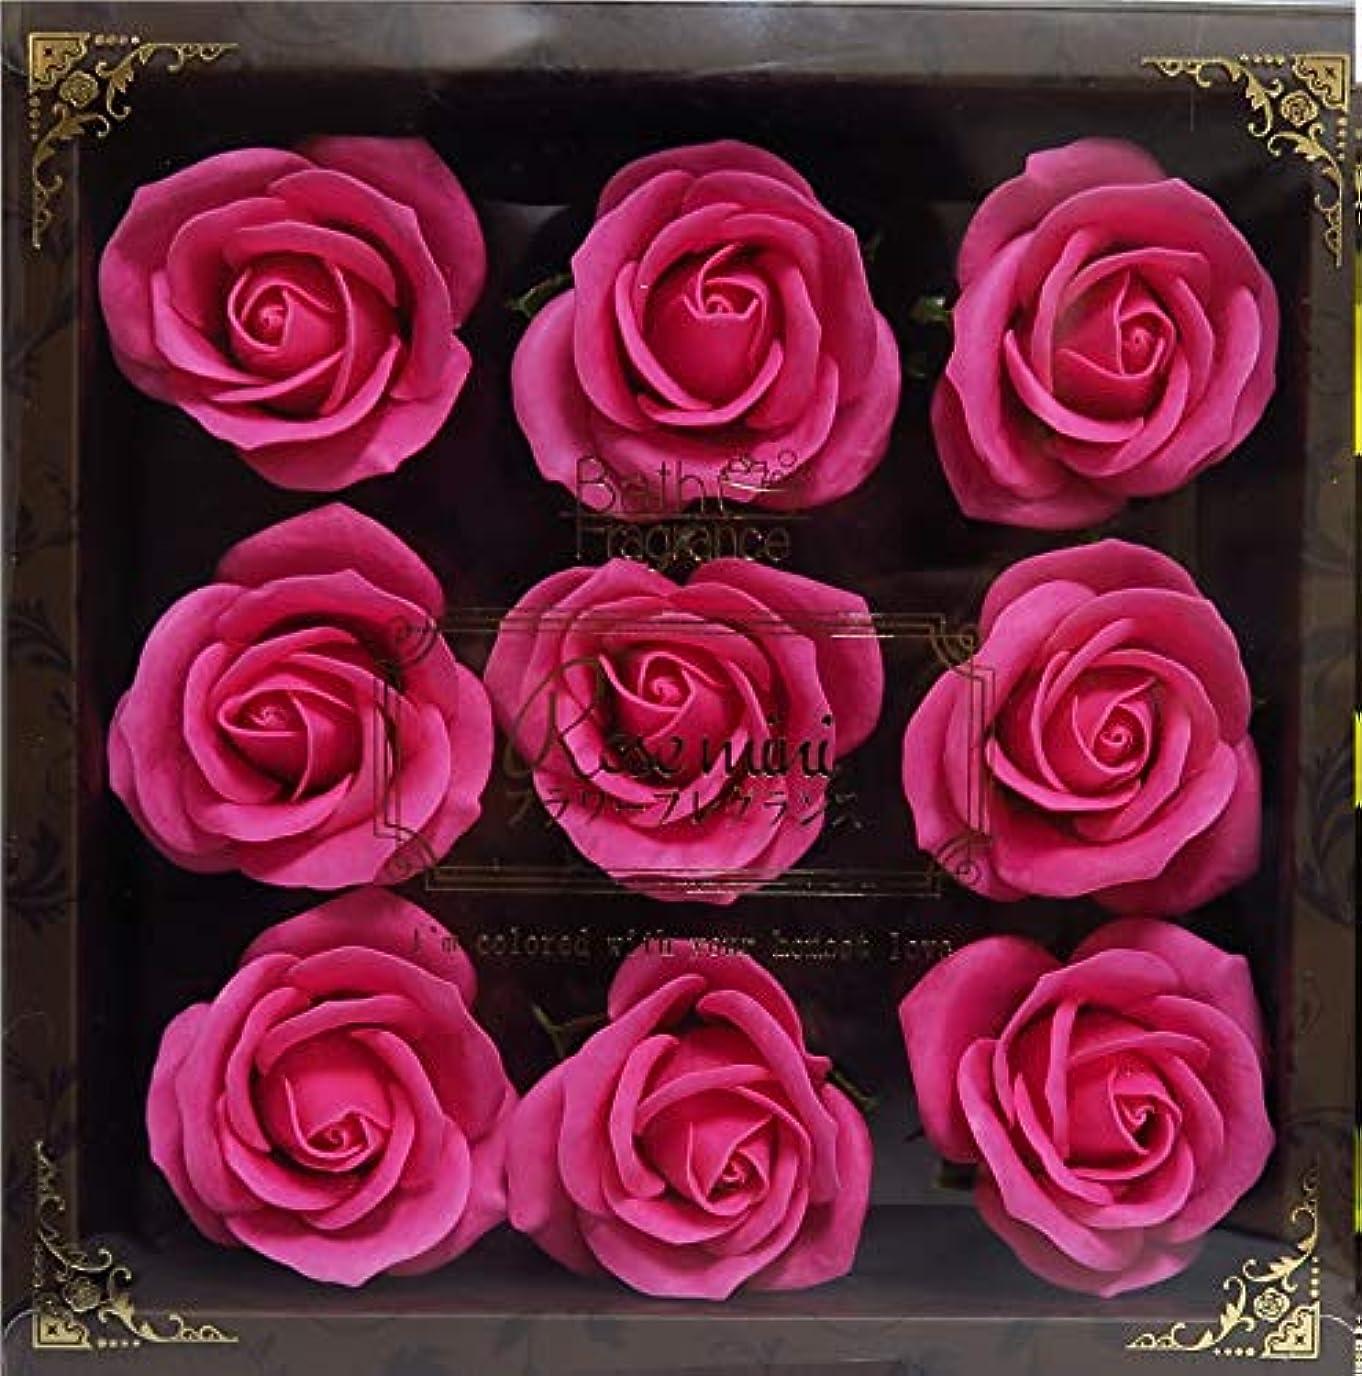 商人お手伝いさんユーモアバスフレグランス バスフラワー ミニローズフレグランス(L)ローズピンク お花の形の入浴剤